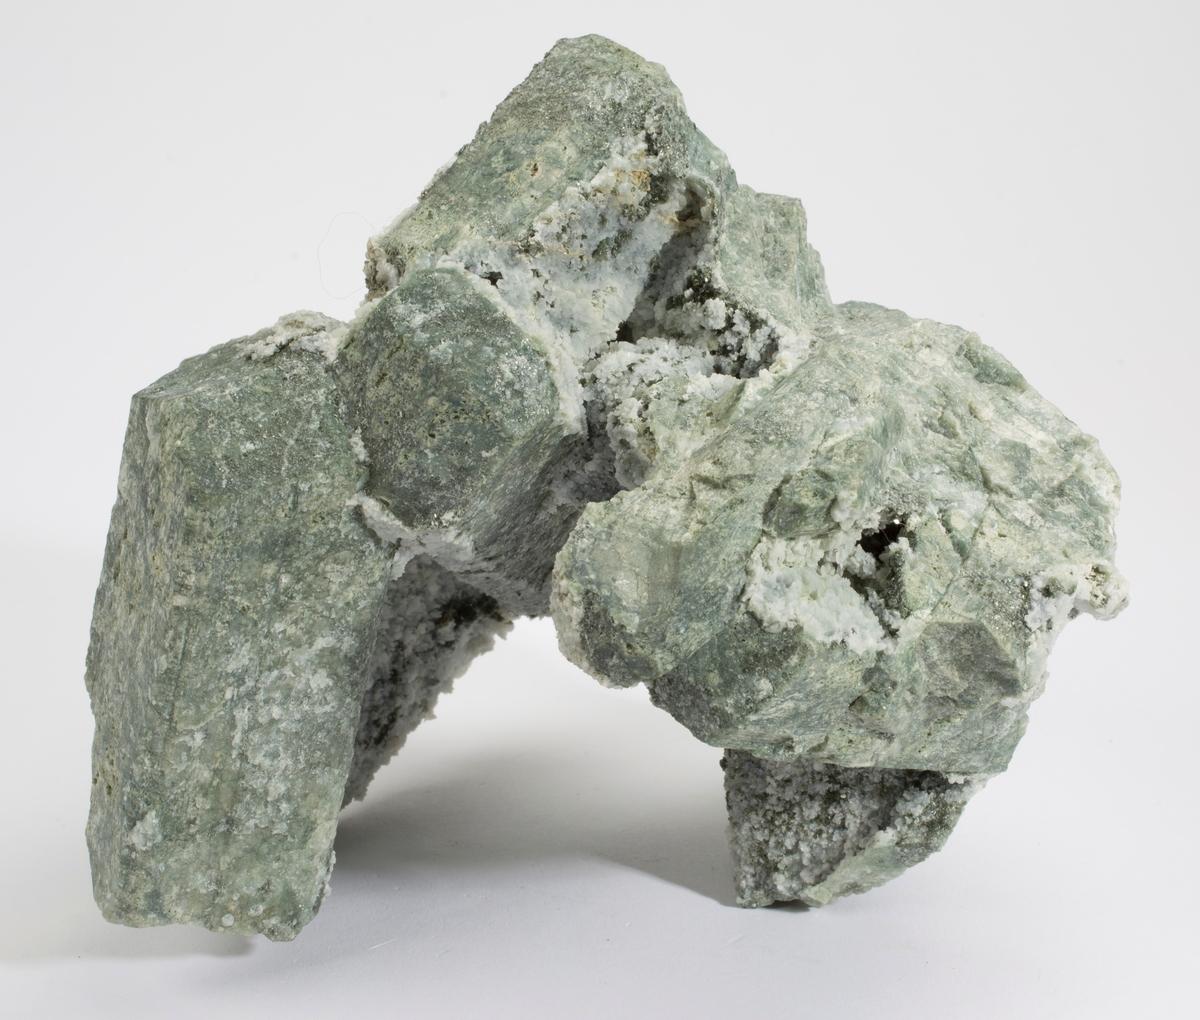 Skapolitt xls, lys grønne, etset fram, mikro av hvitt mineral og klinoklor.